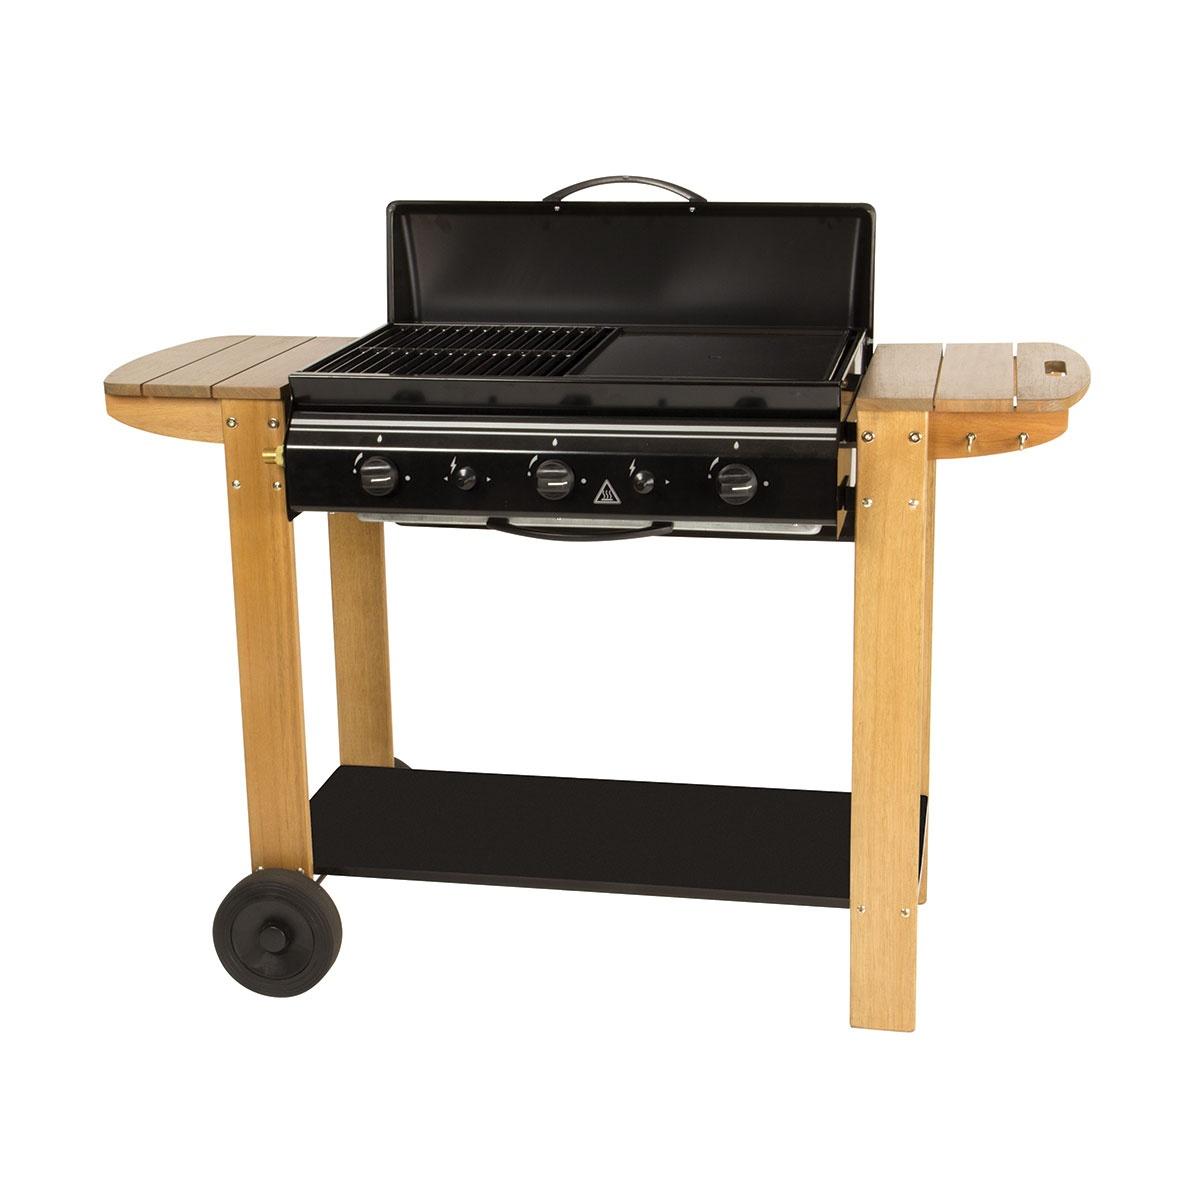 Barbecue Gaz Et Plancha barbecue à gaz 50% grille et 50% plancha (bois)